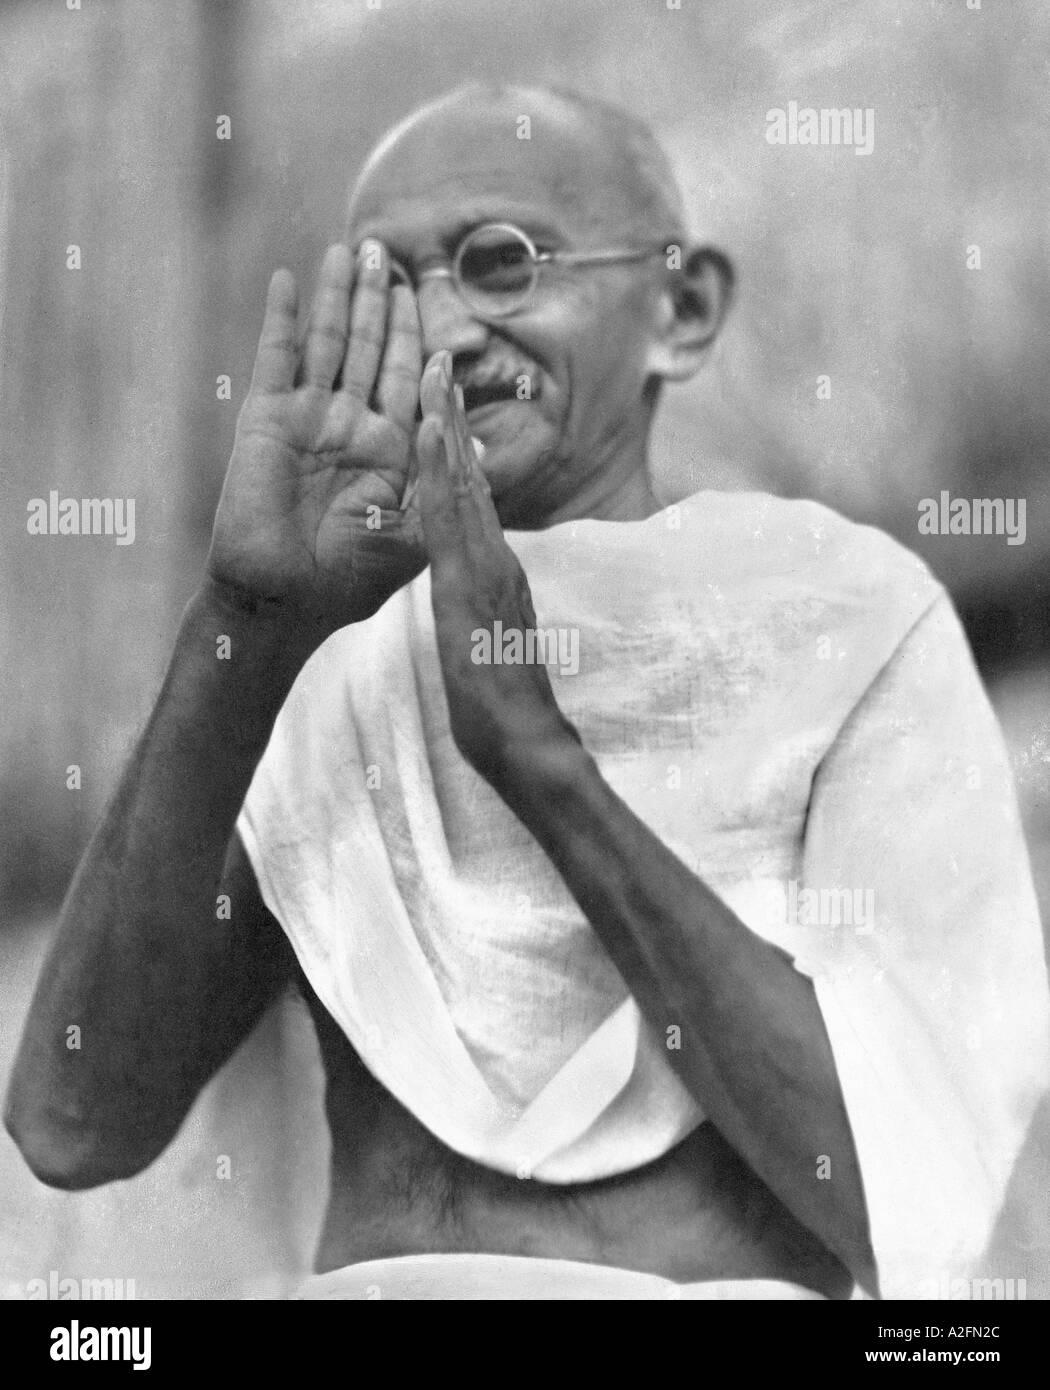 Il Mahatma Gandhi durante la preghiera a Mumbai Bombay Maharashtra India Settembre 1944 Immagini Stock